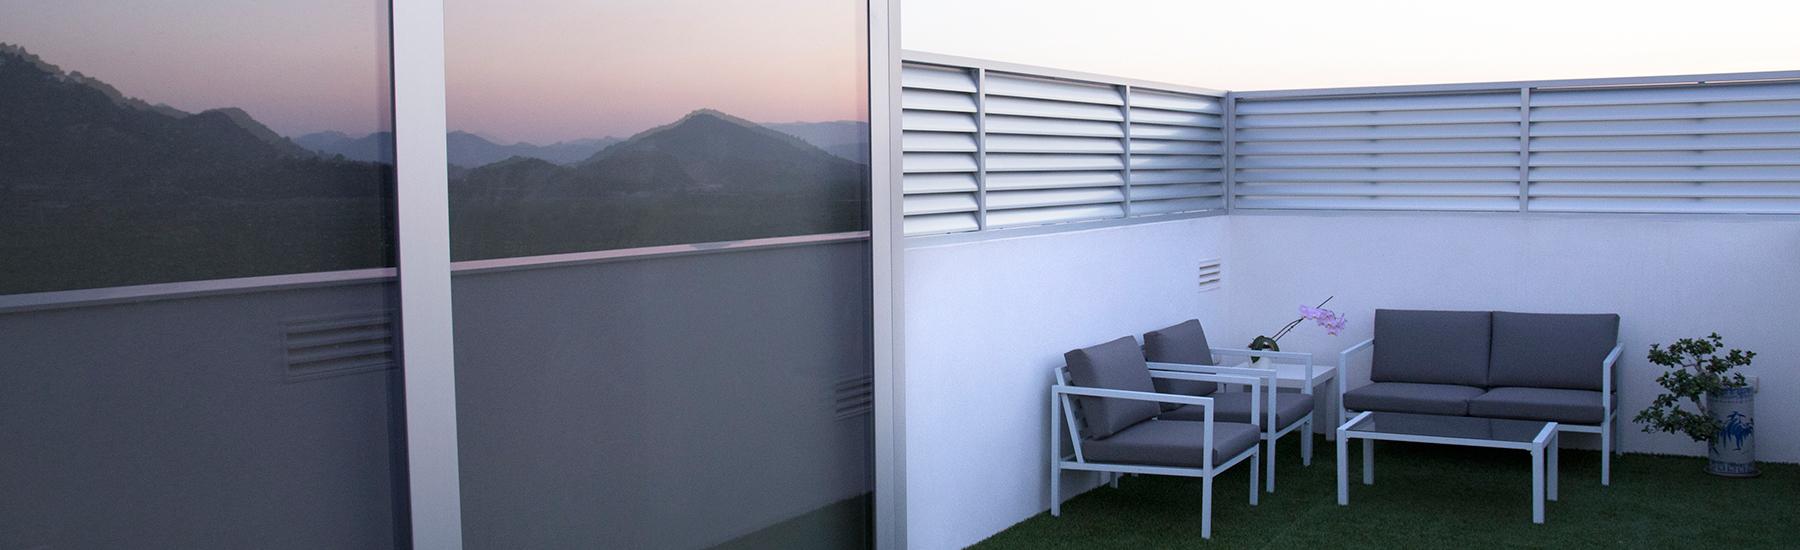 Celosias pvc para terrazas amazing celosia m treillis - Celosias terrazas aticos ...